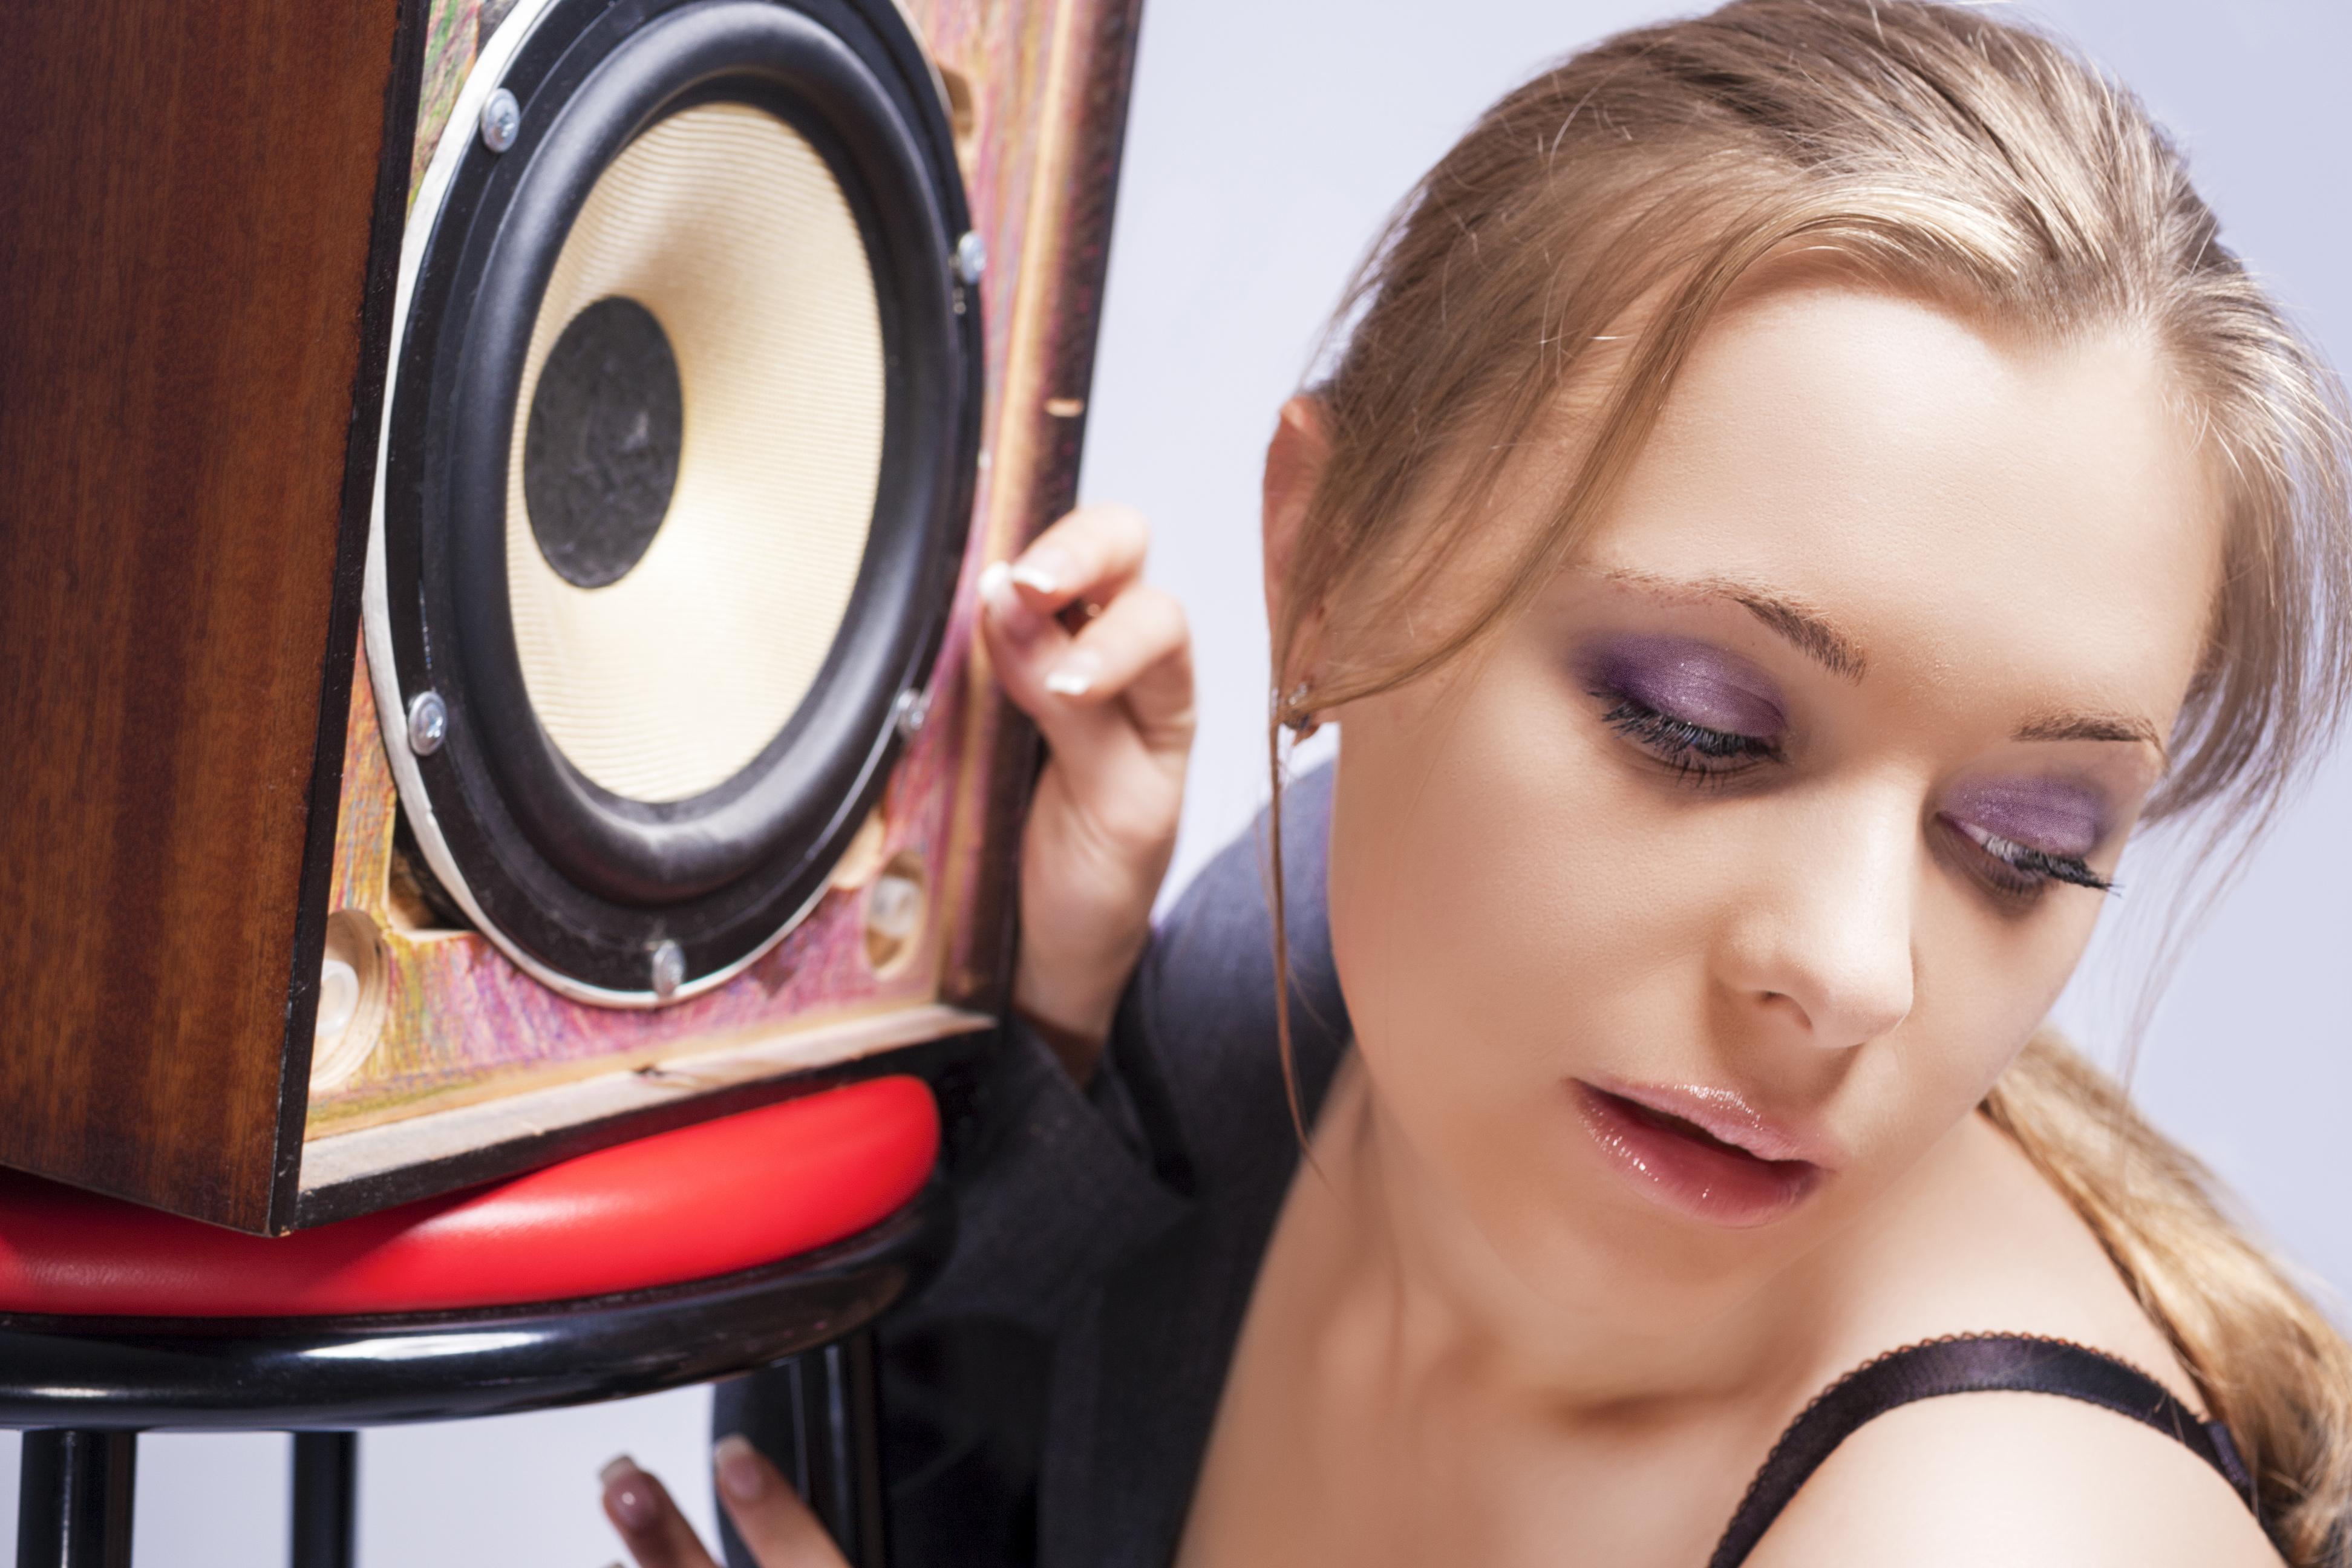 For å få den beste lyden burde høyttalerne stå plassert i hodehøyde. Foto: Shutterstock